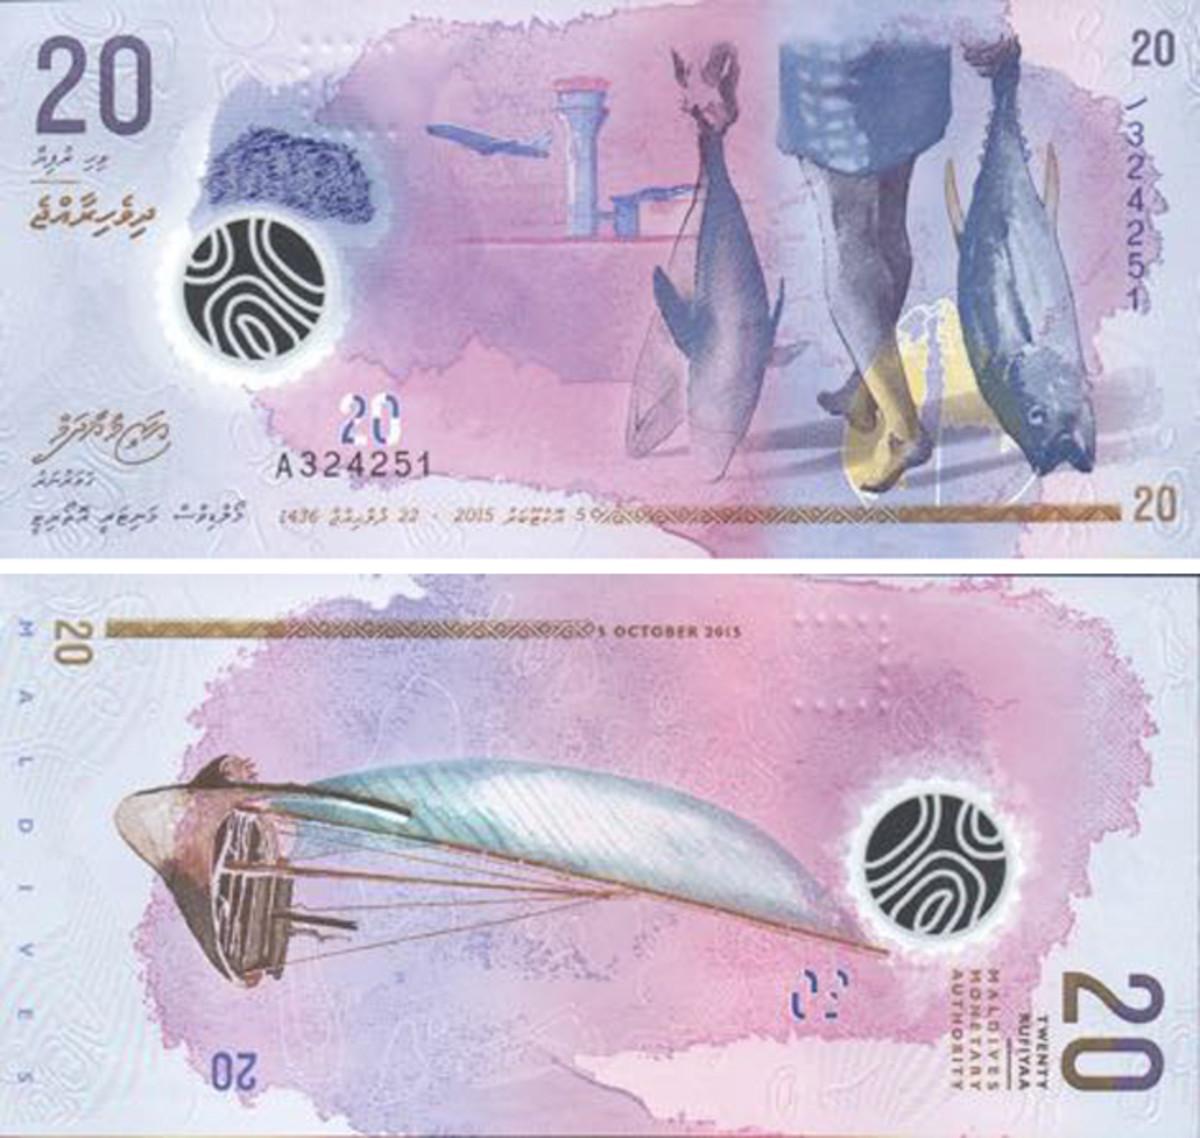 The new 20 rufiyaa note.